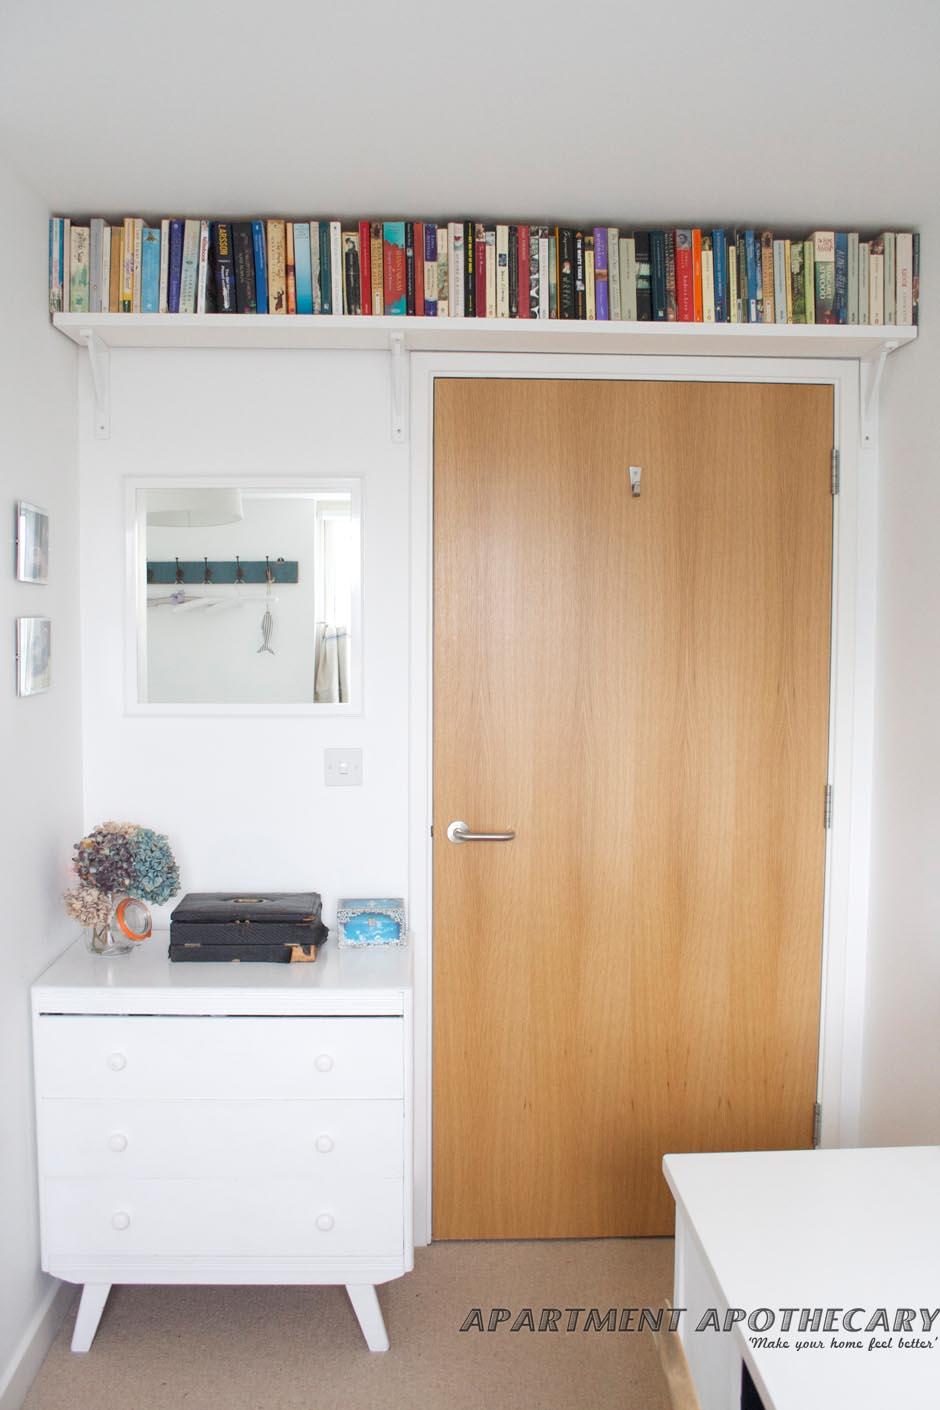 Space above door bookshelf decor